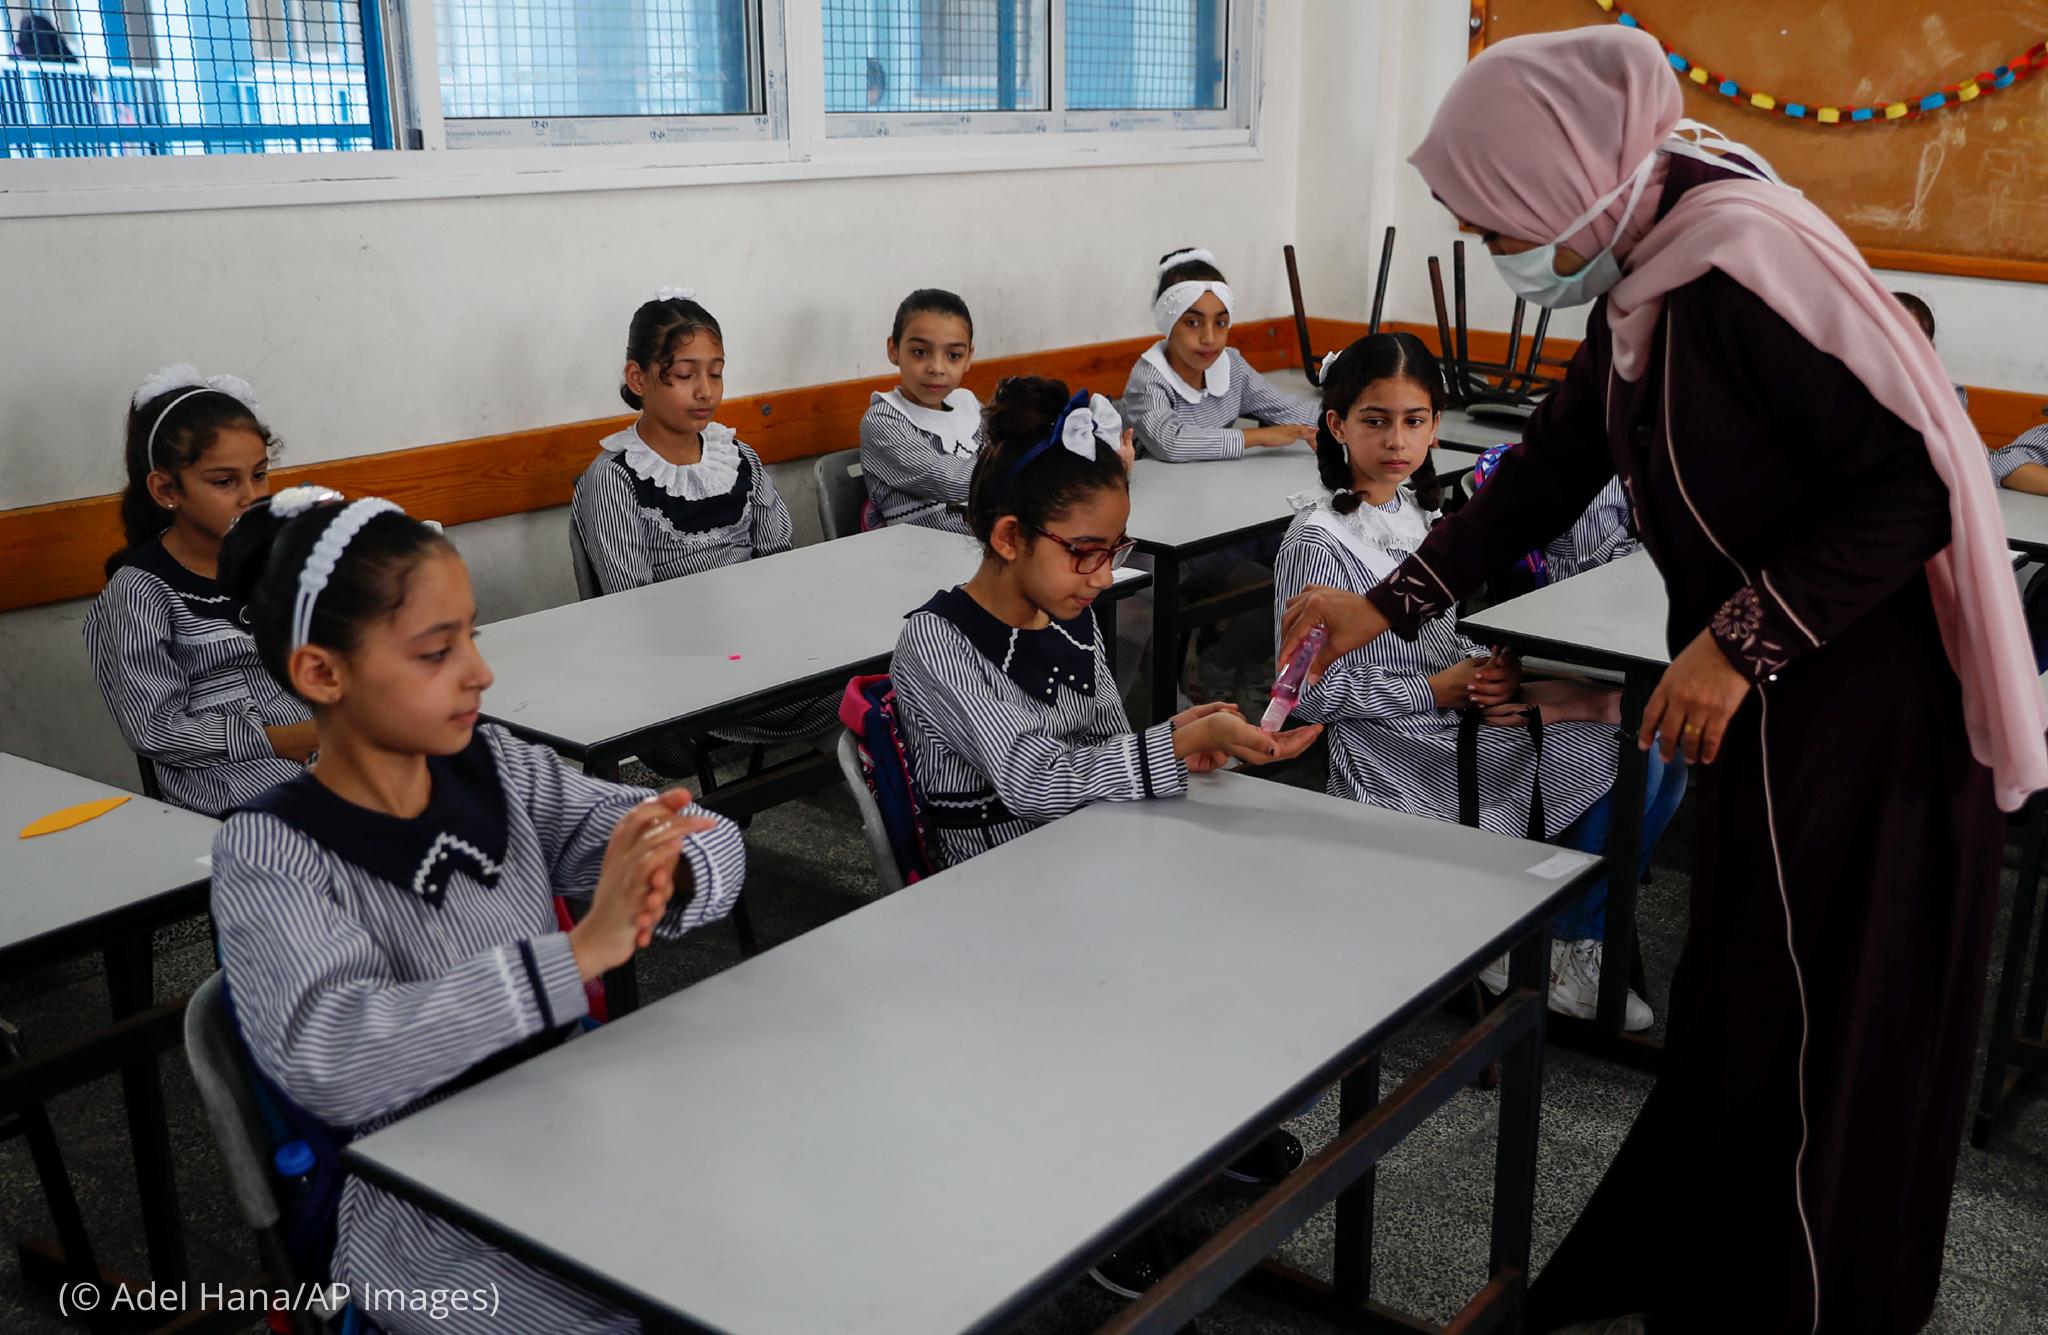 Una mujer vierte desinfectante de manos en la mano de un estudiante mientras otros estudiantes se sientan a las mesas y observan (© Adel Hana/AP Images)